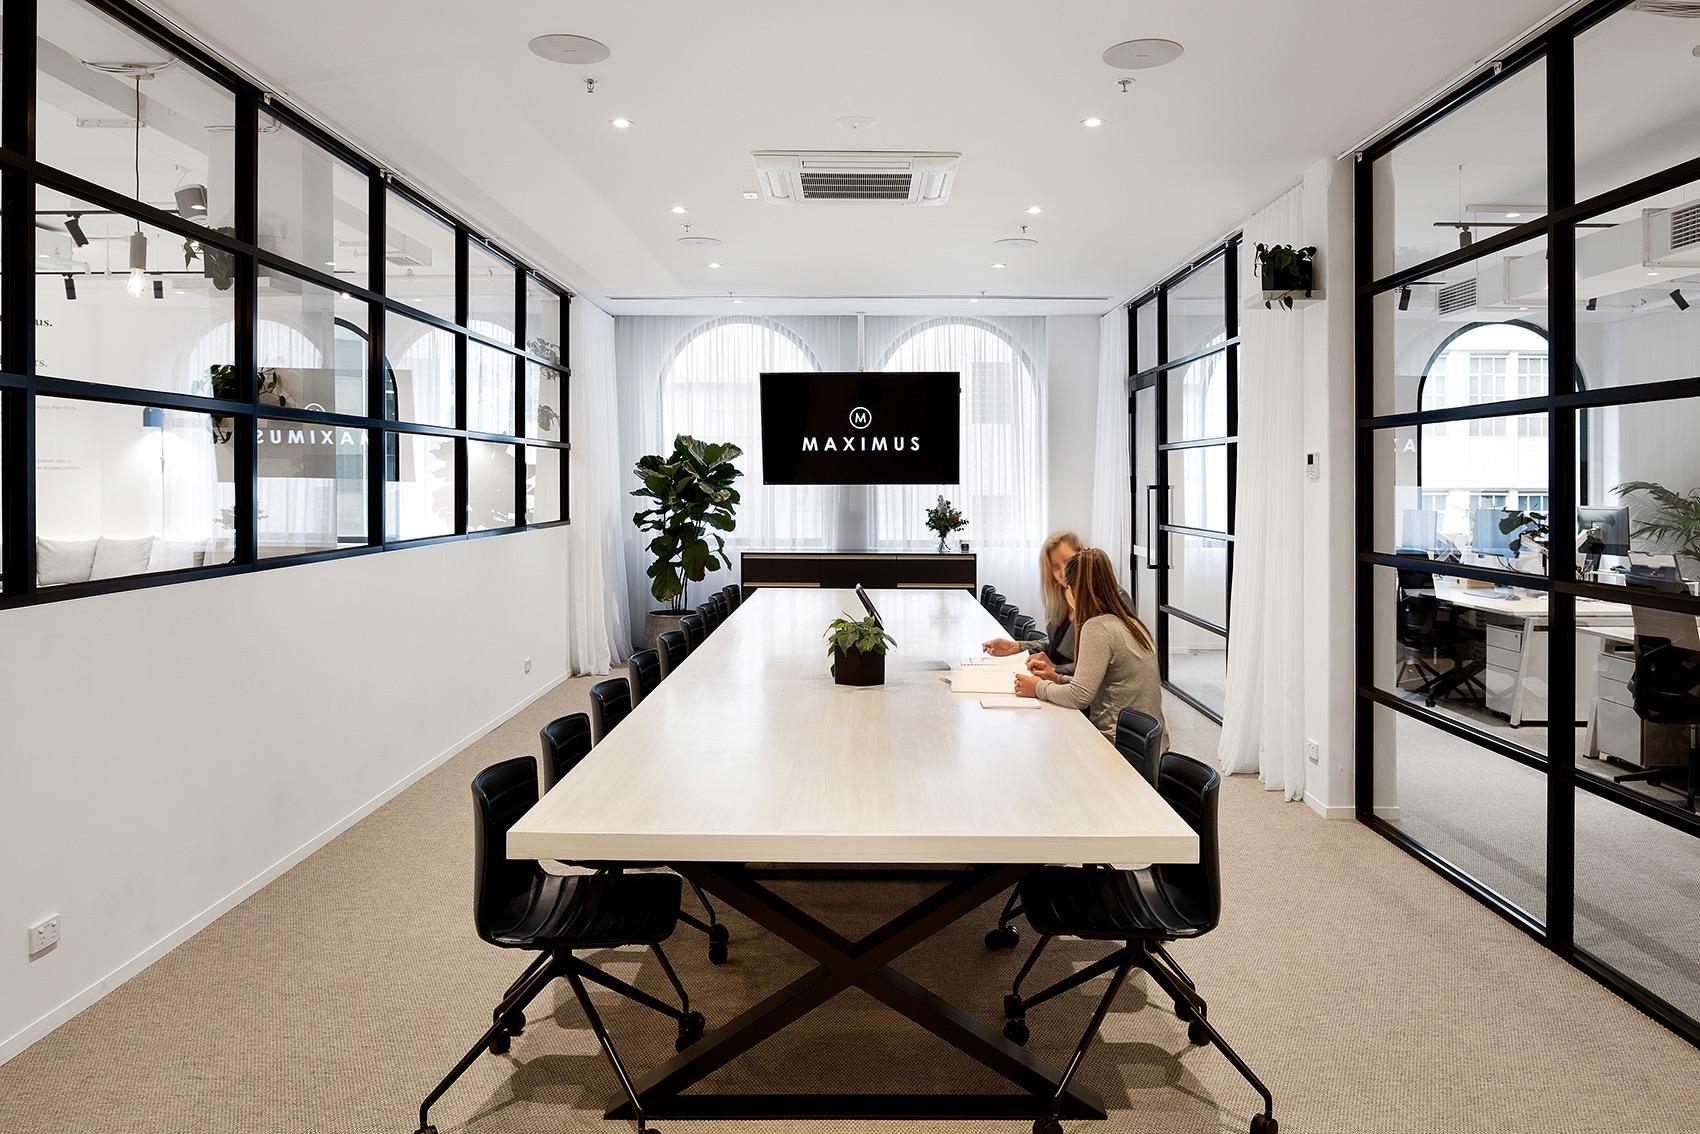 maximus-melbourne-office-6